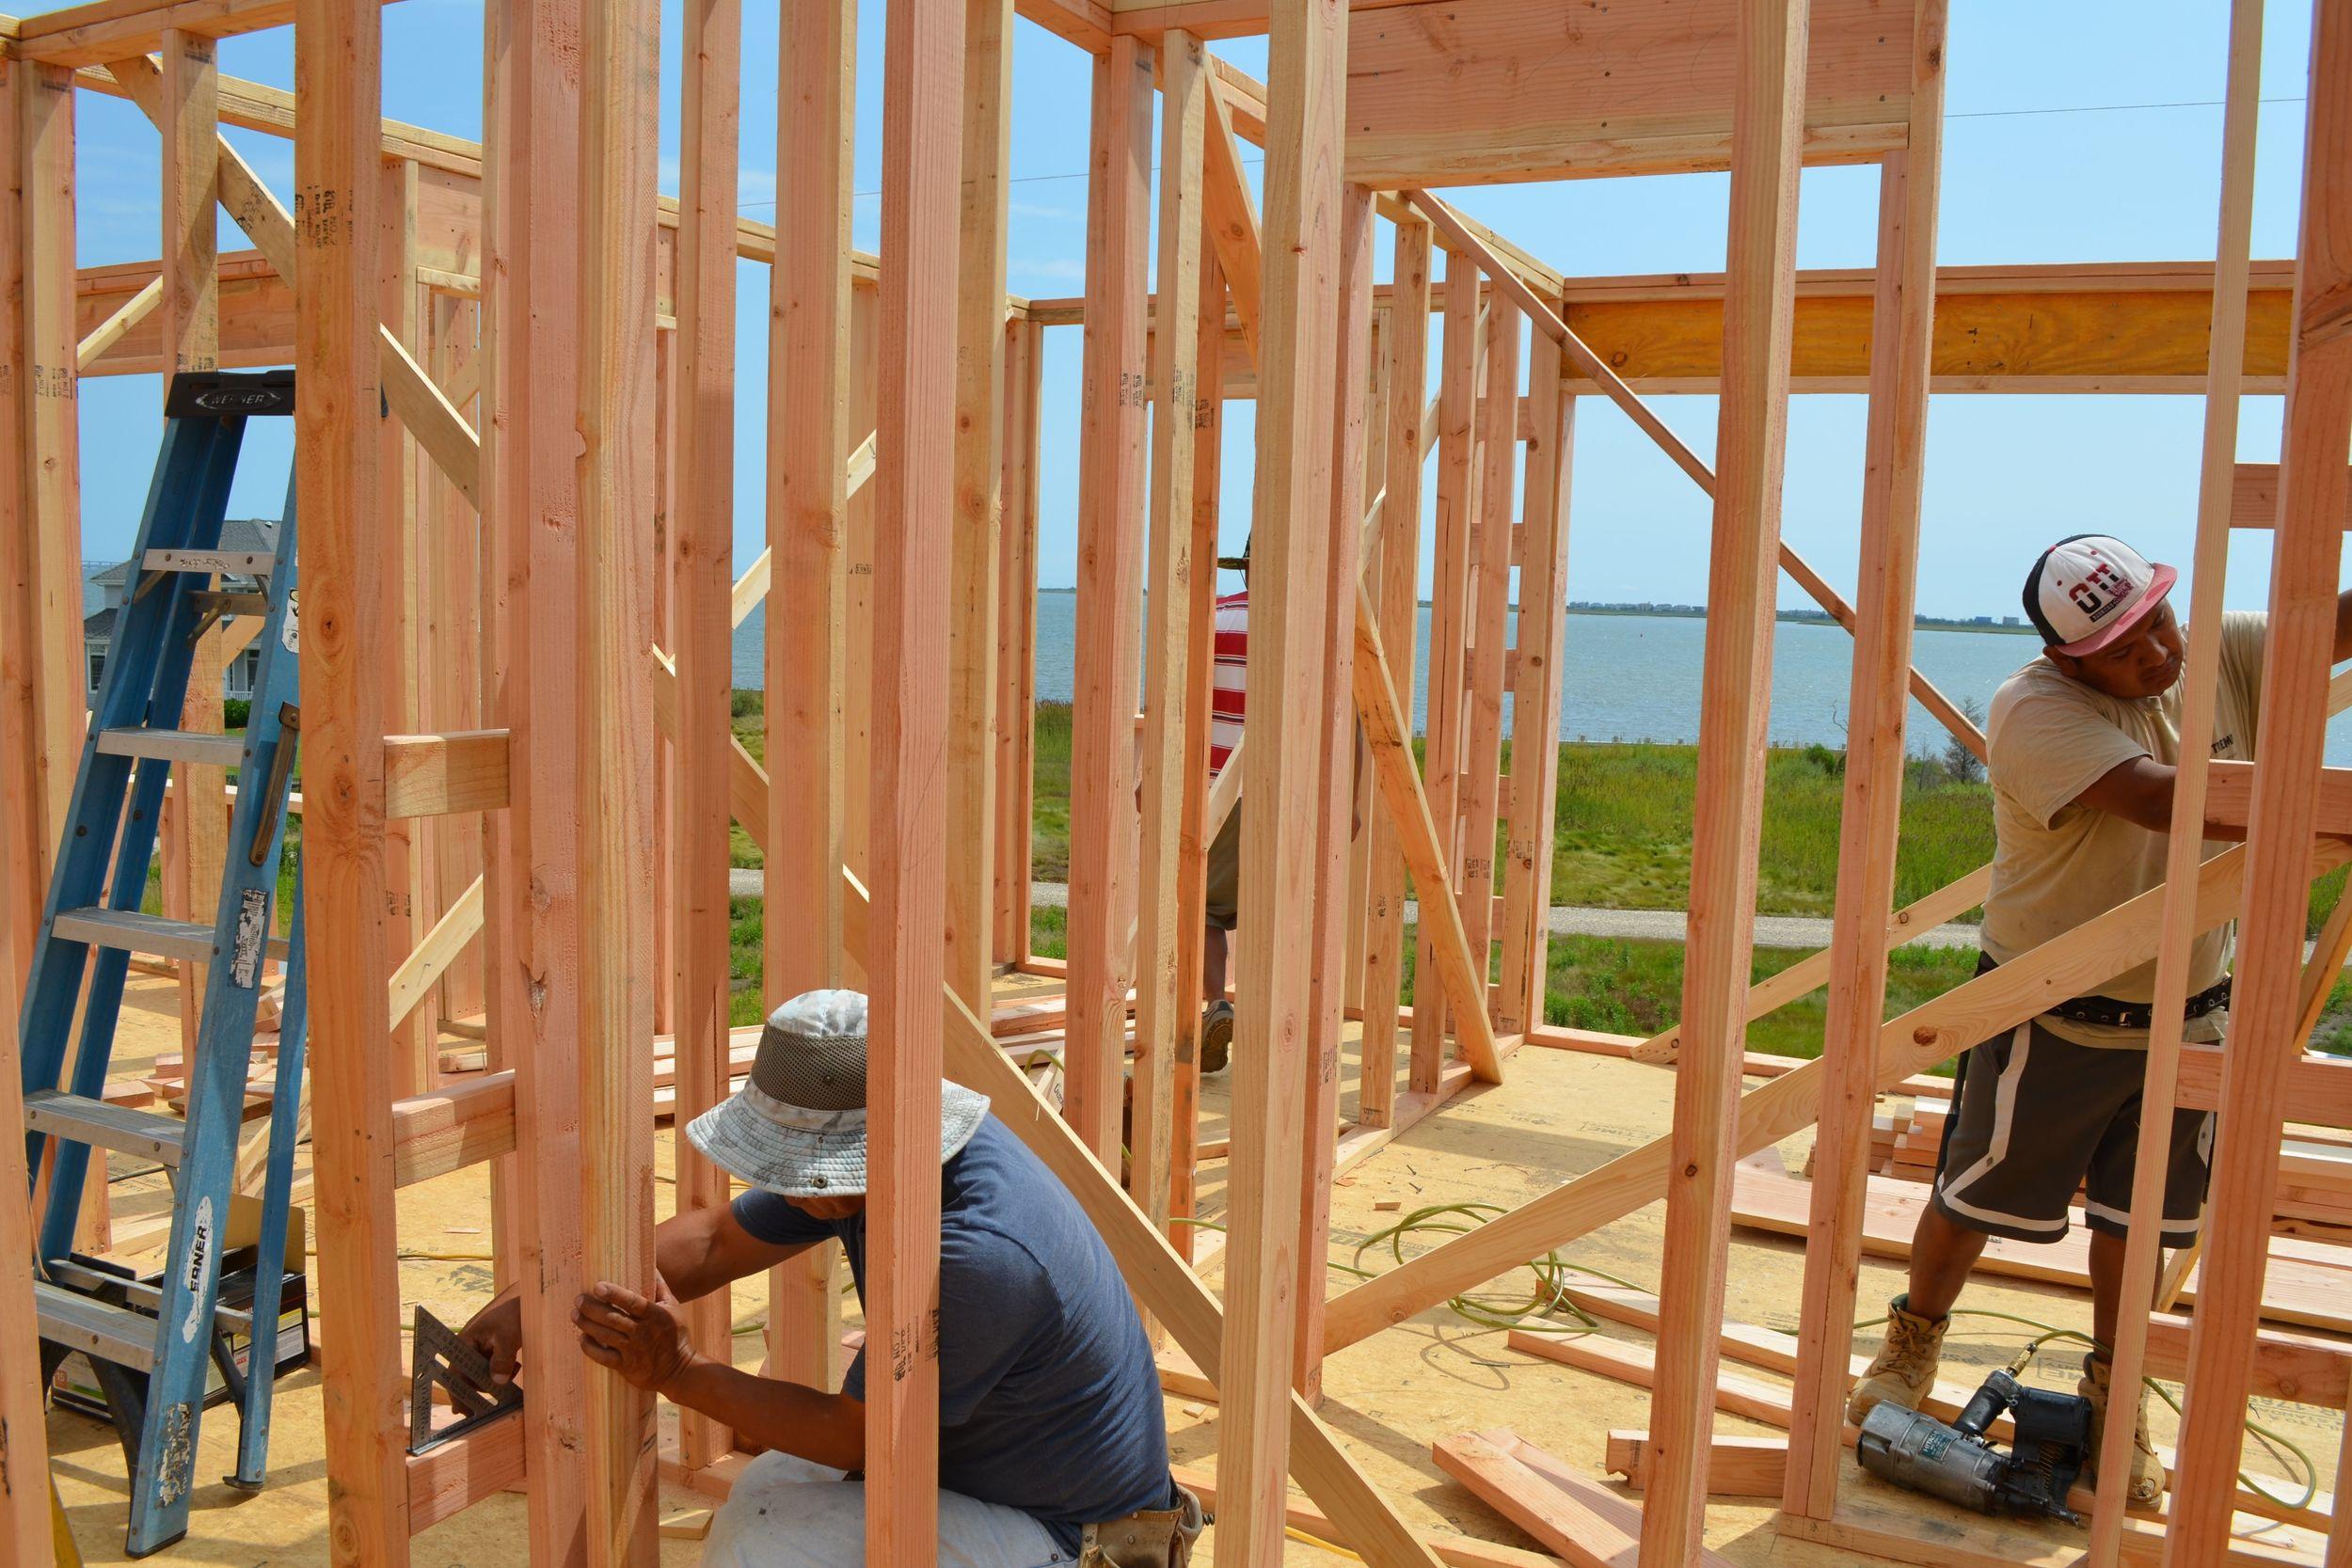 Framing Crew Working on Ladder Blocking